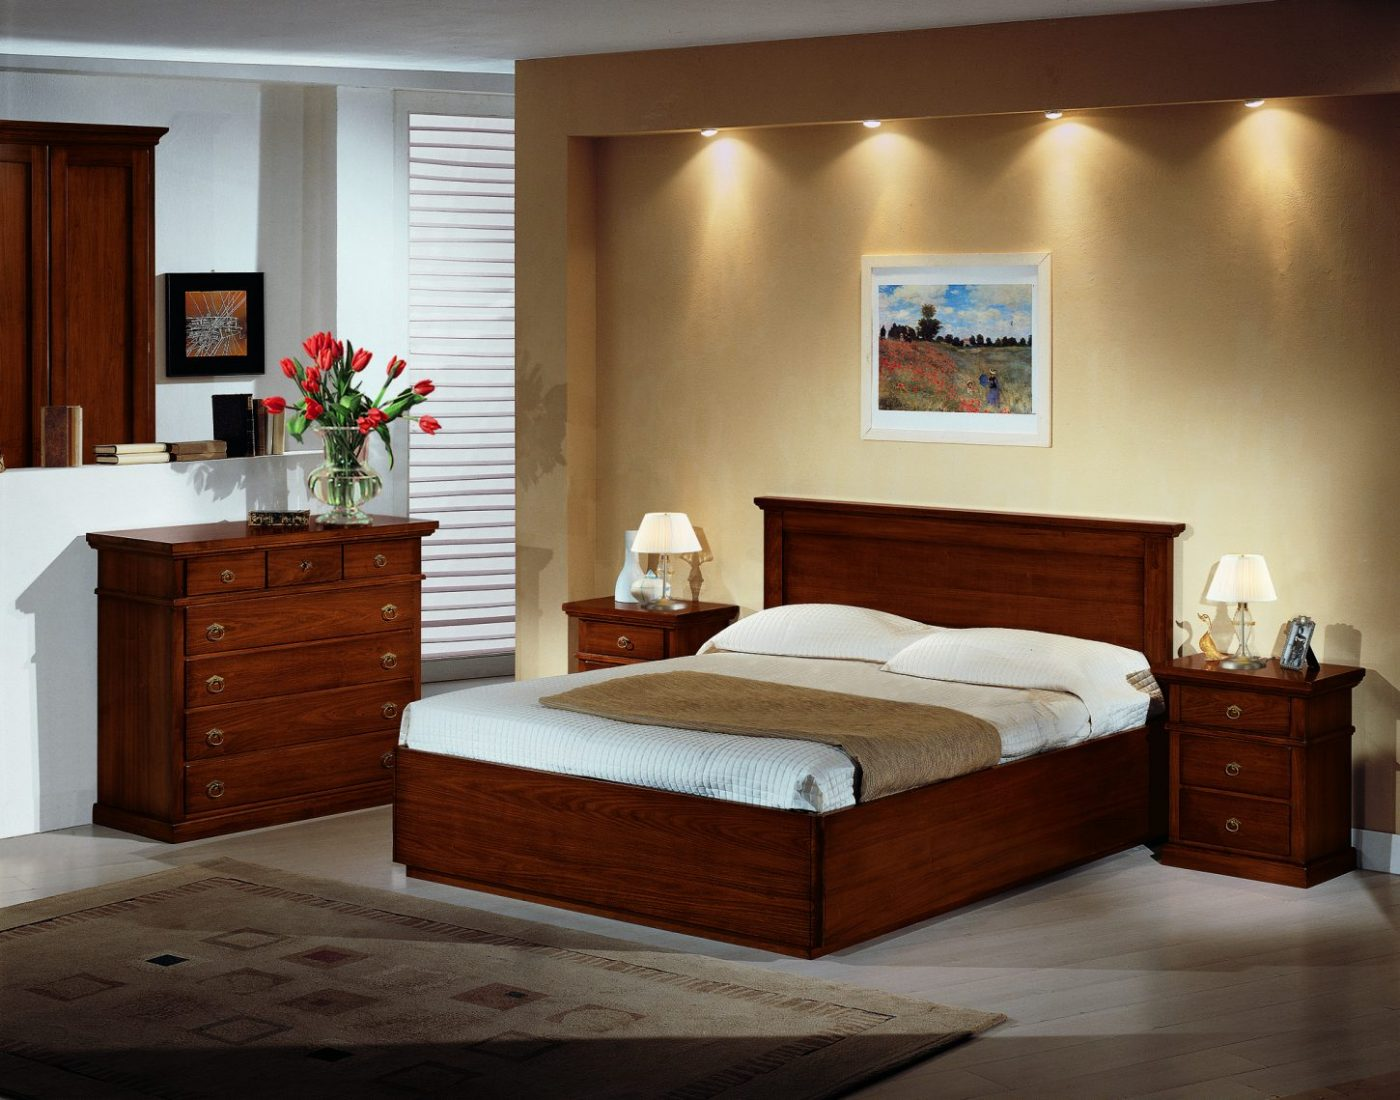 Stunning camere da letto in arte povera images skilifts - Camera da letto sexy ...